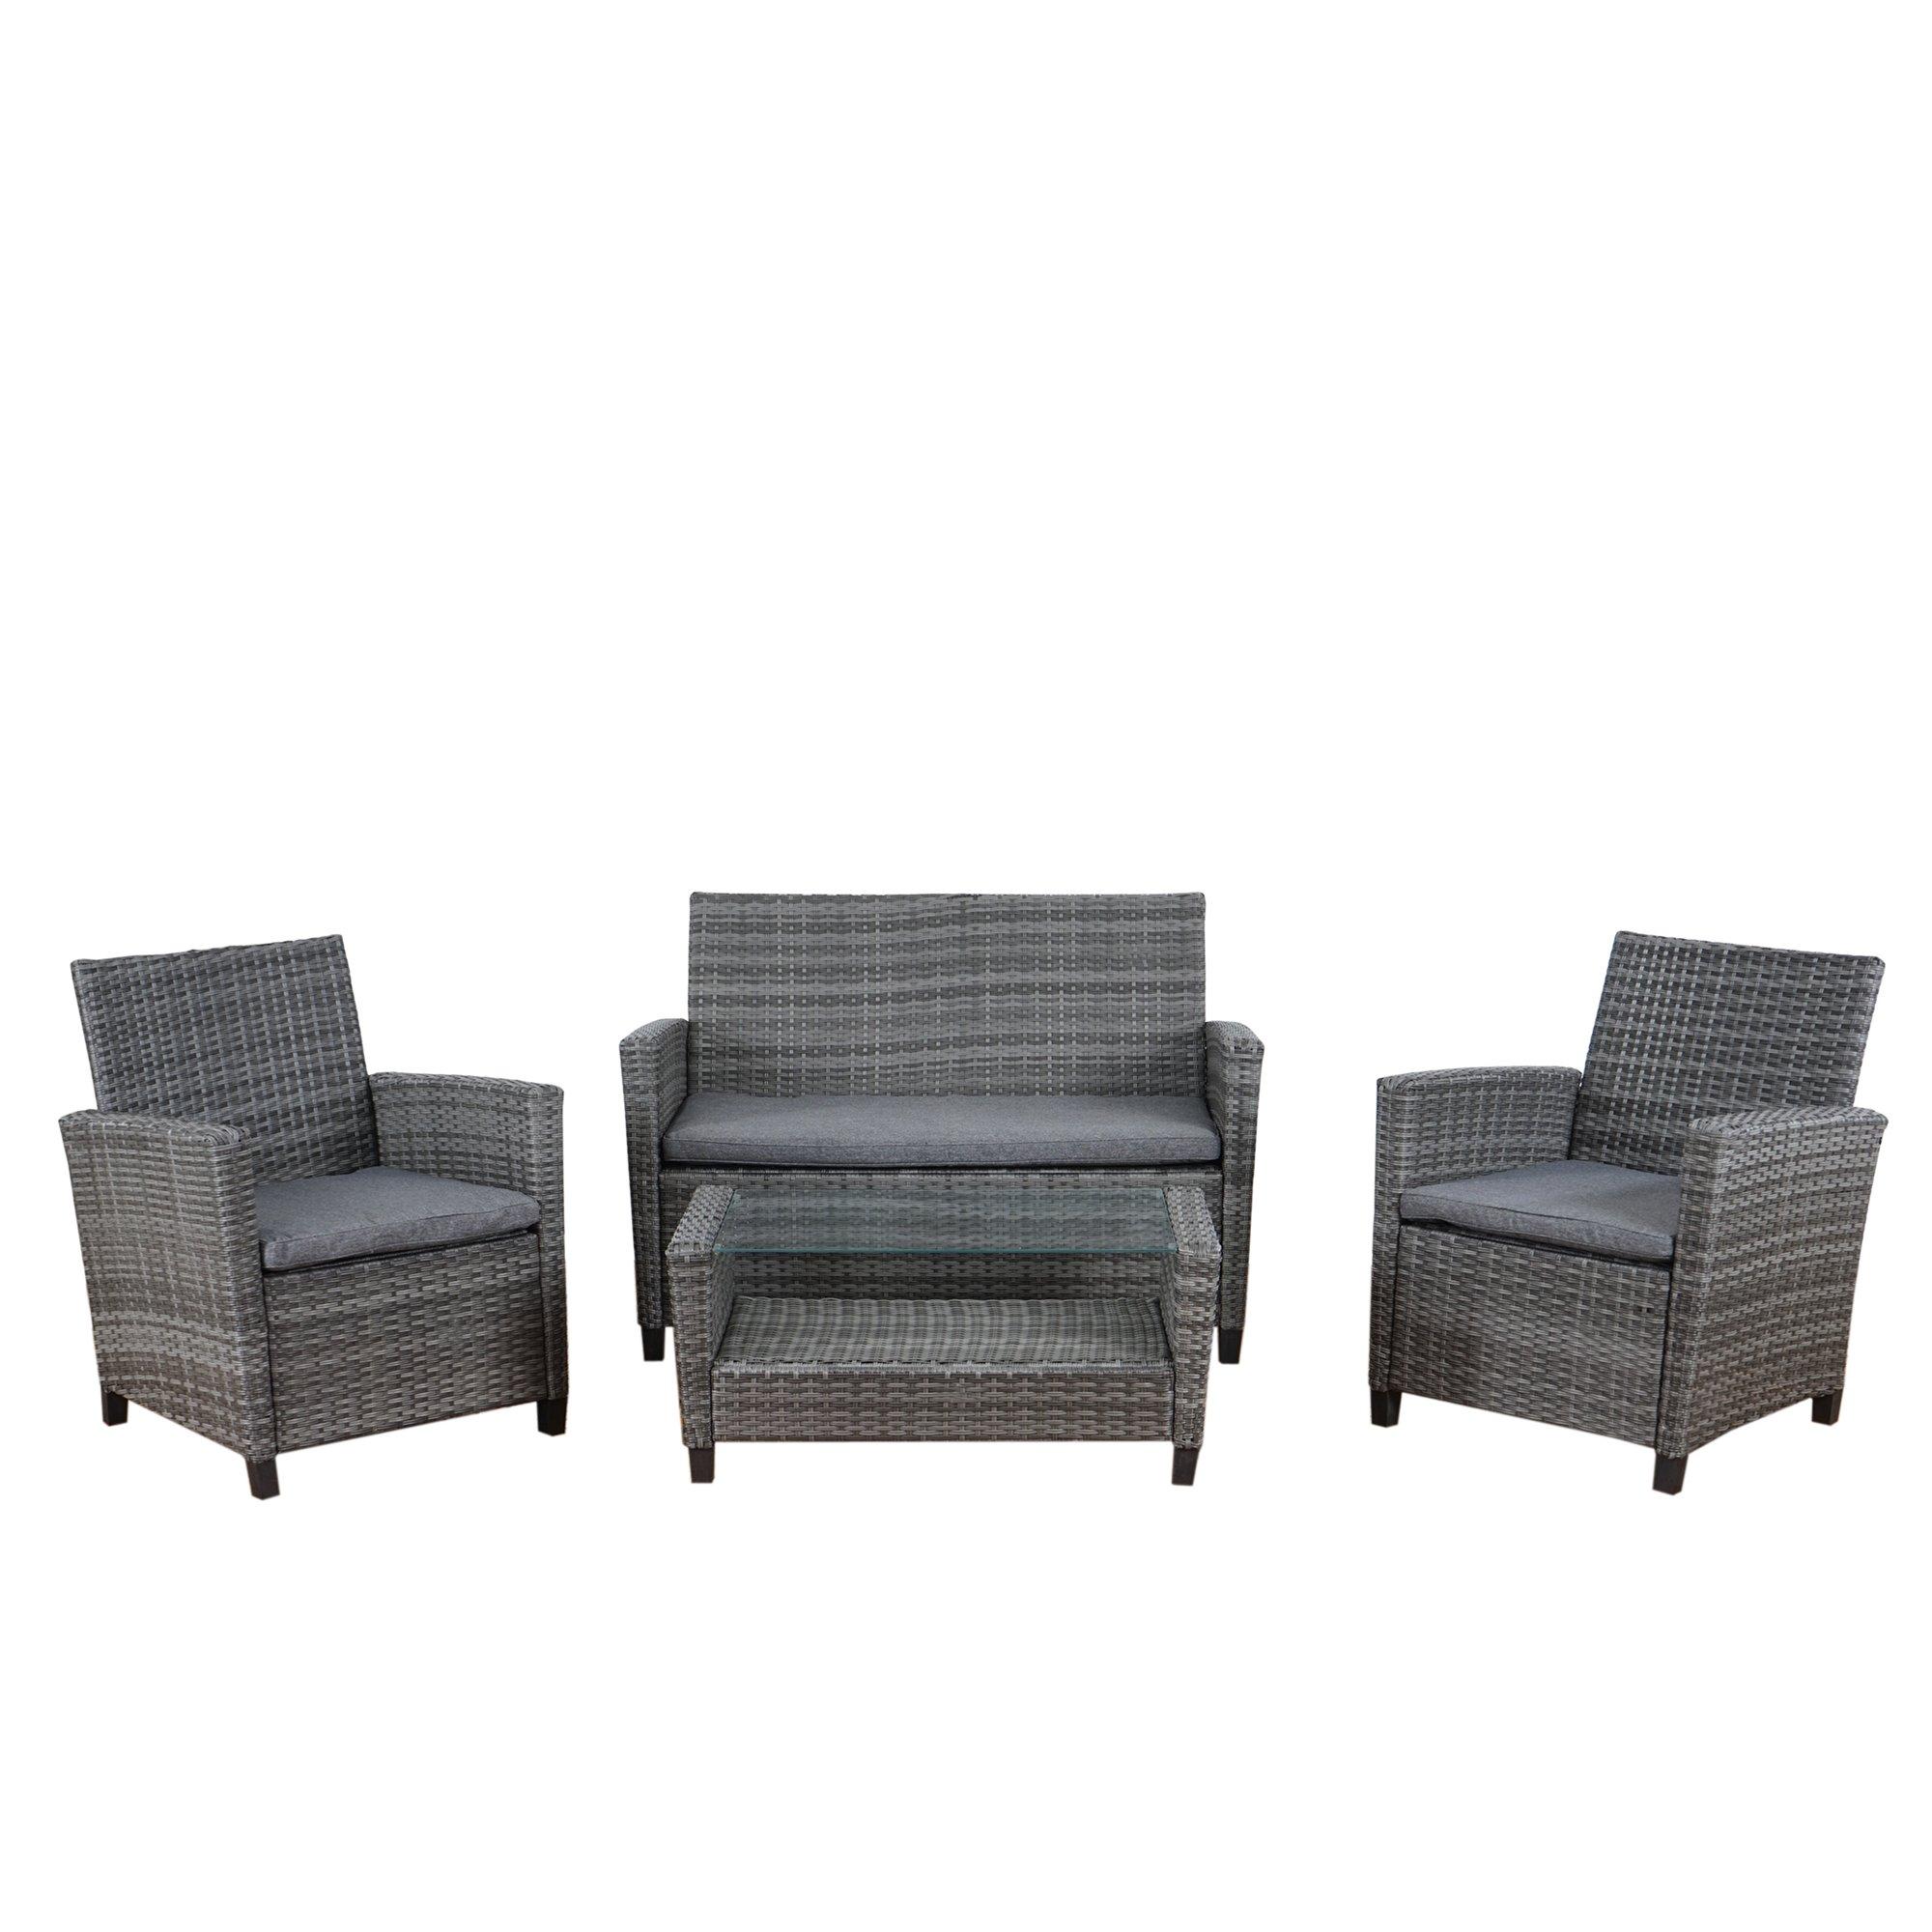 2-1-1 ratán poli sofá muebles de jardín sofá conjunto establecido ...